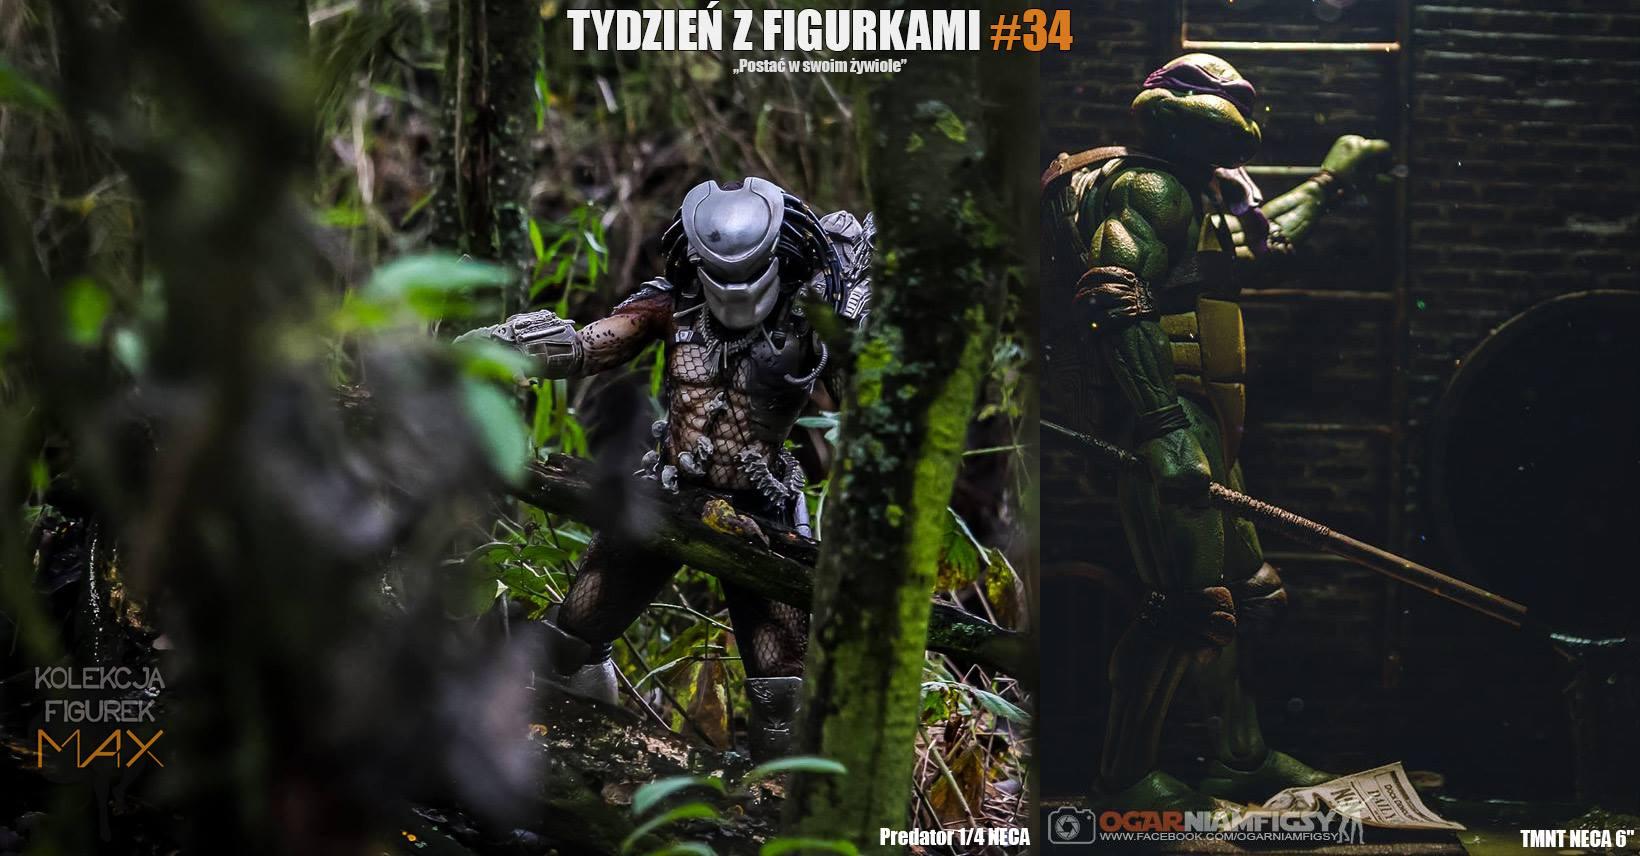 TzF 34 dwa zwycięskie na tło